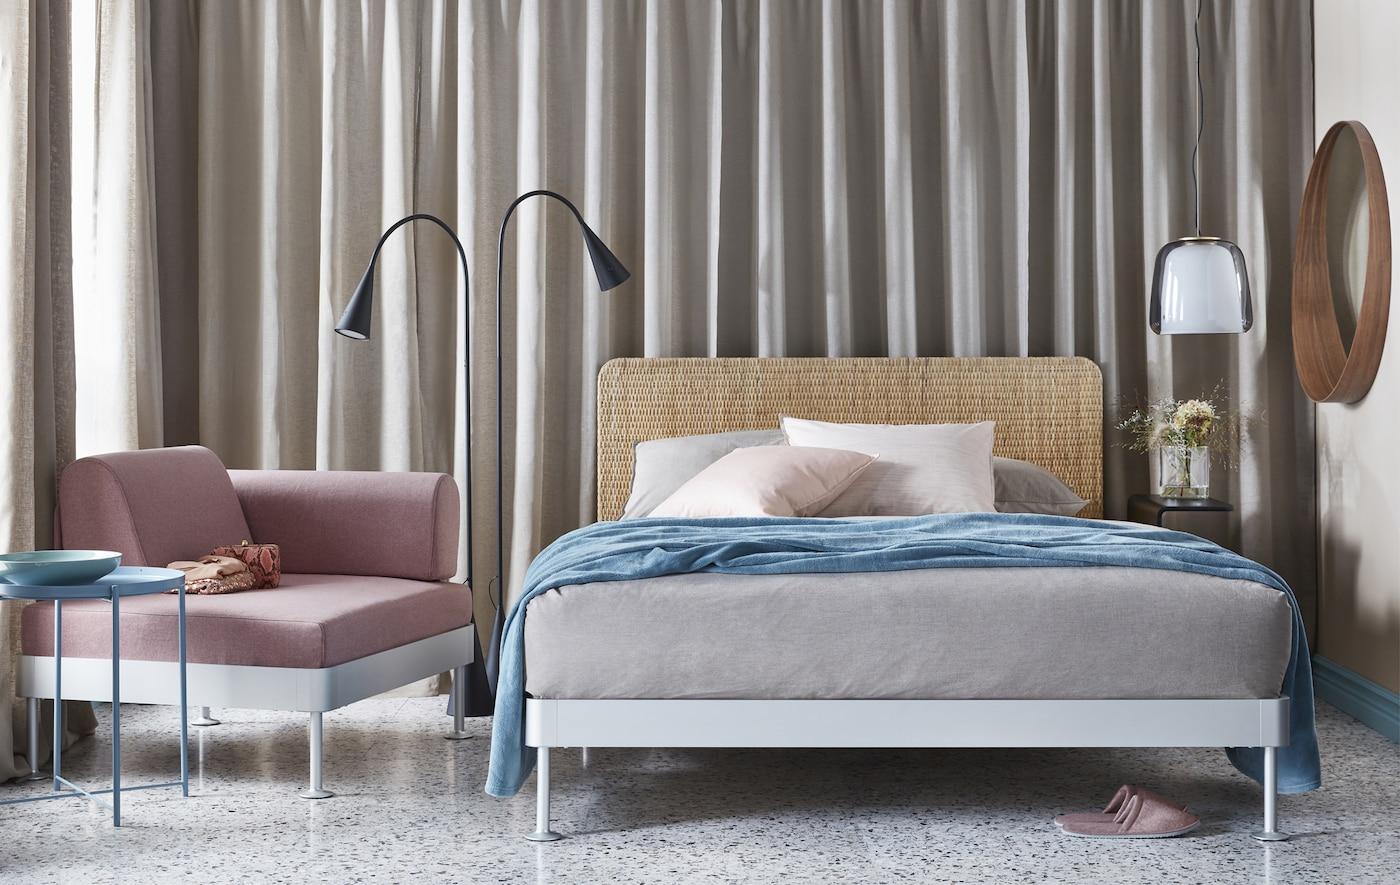 Une chambre à coucher aux tons neutres doux gris, beige et rose avec un lit double, un lampadaire, un fauteuil et une table d'appoint.